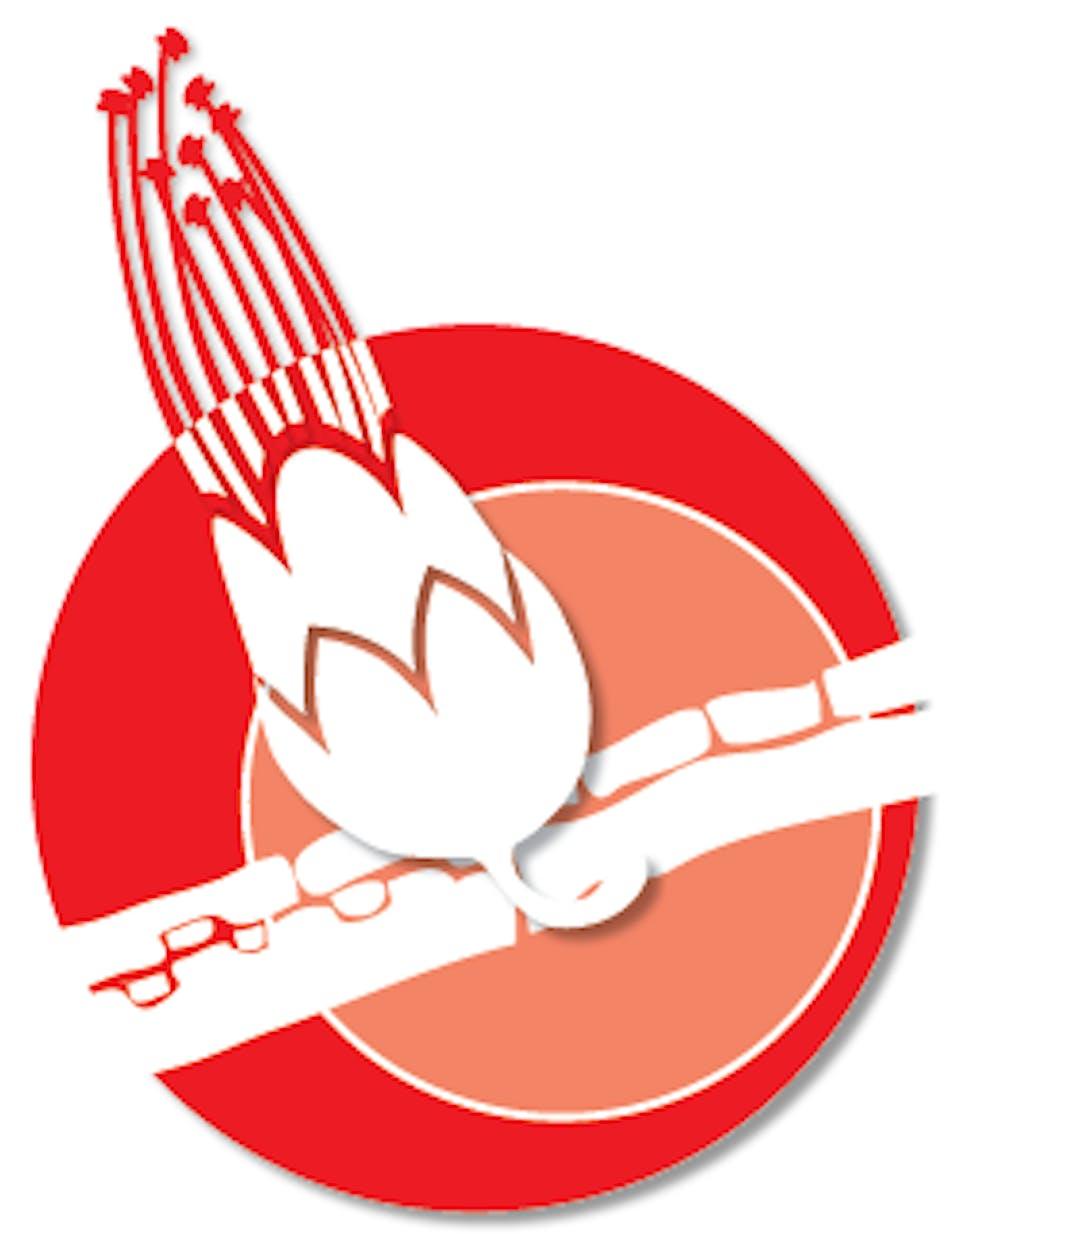 Bauhinia logo